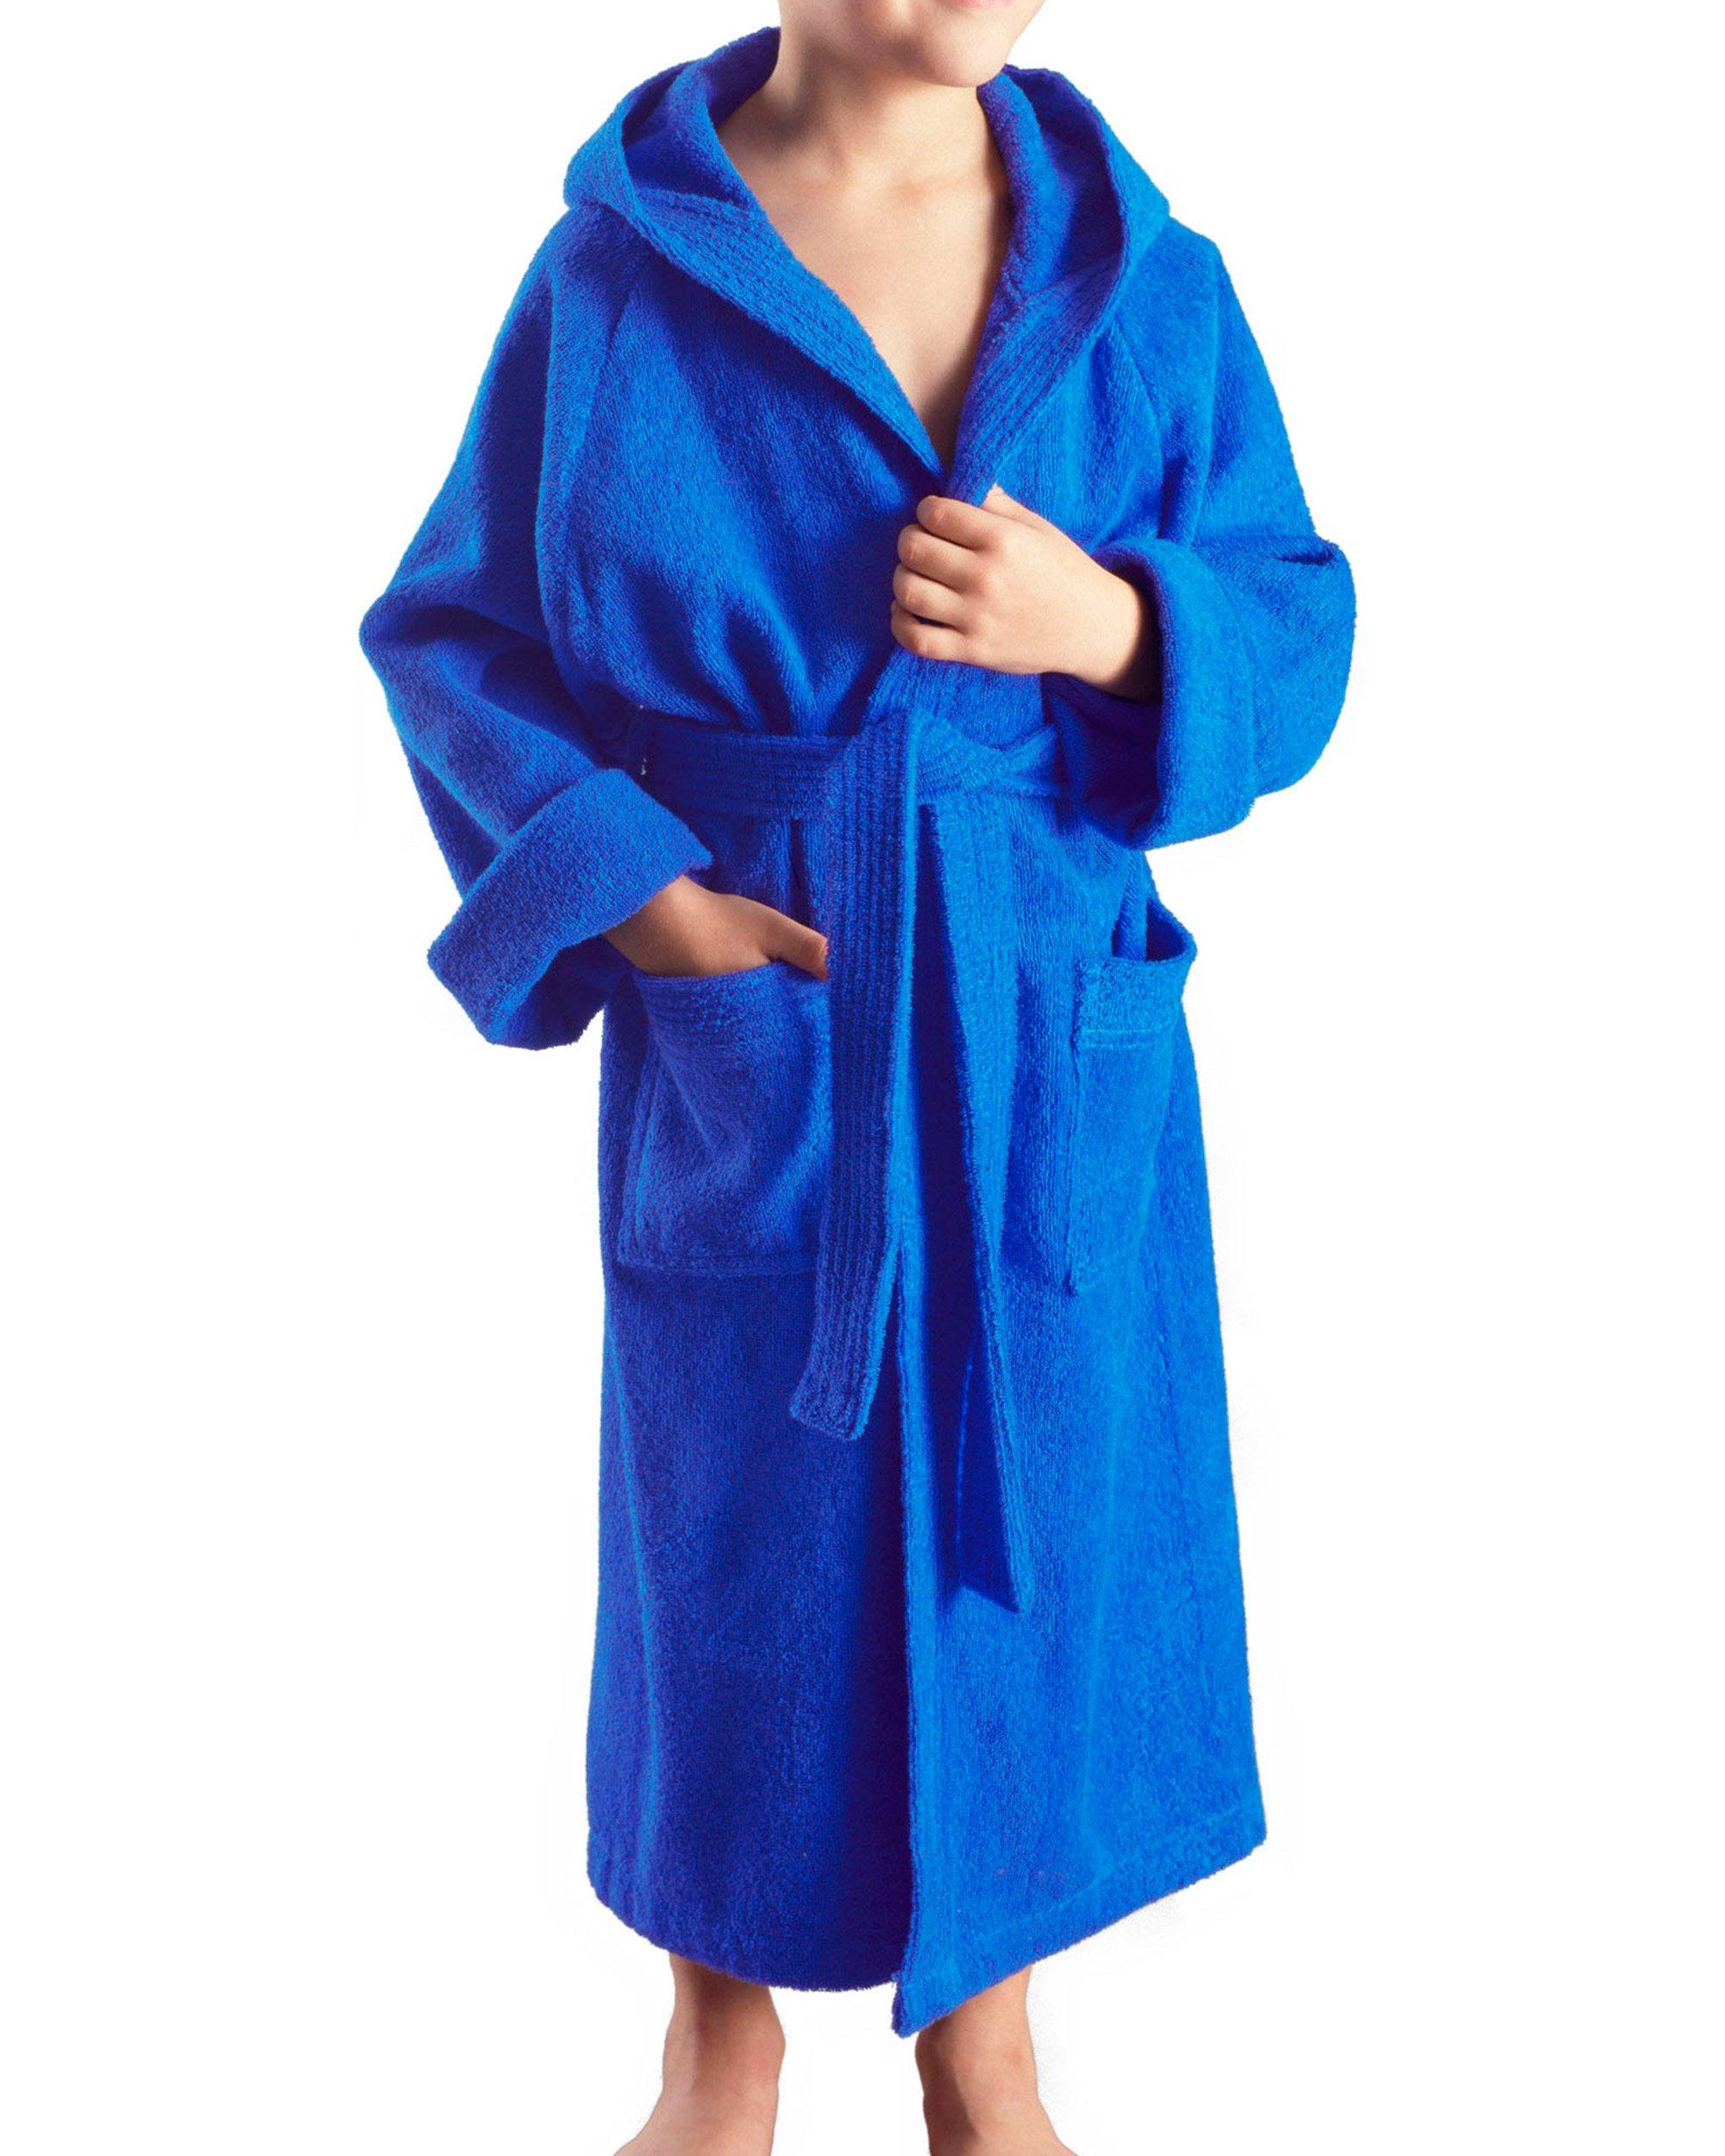 Arus - Albornoz niños con capucha para niñas y niños, 100% algodón tela de